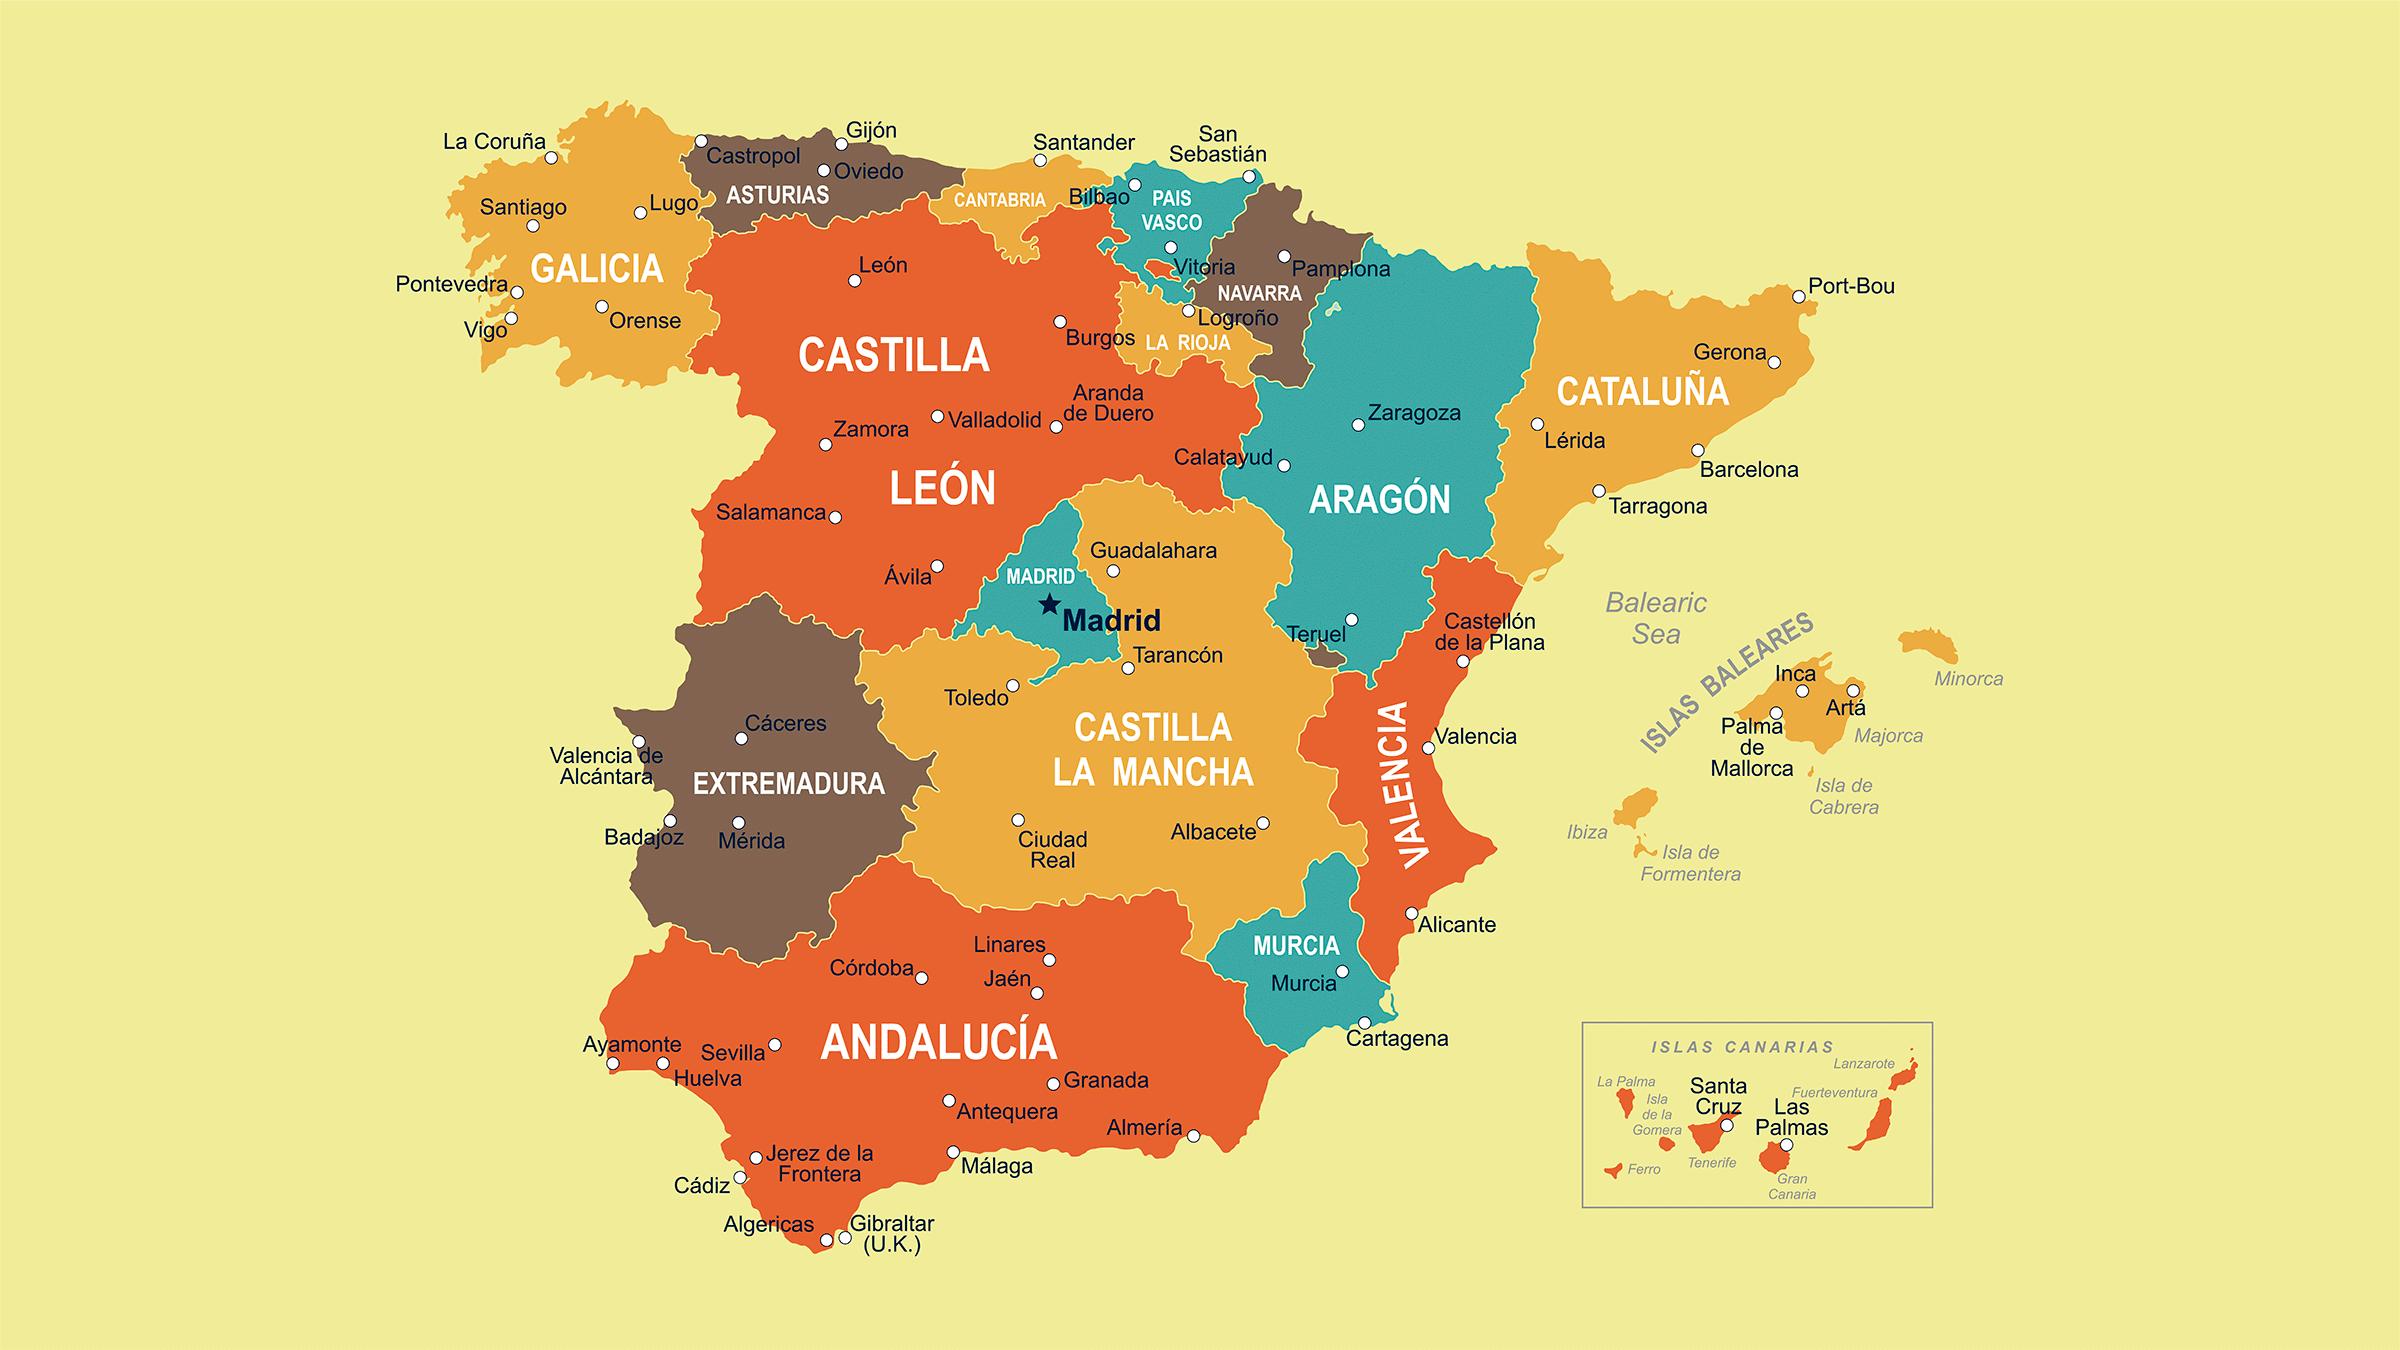 Mapa de la divisin de Espaa en comunidades autnomas